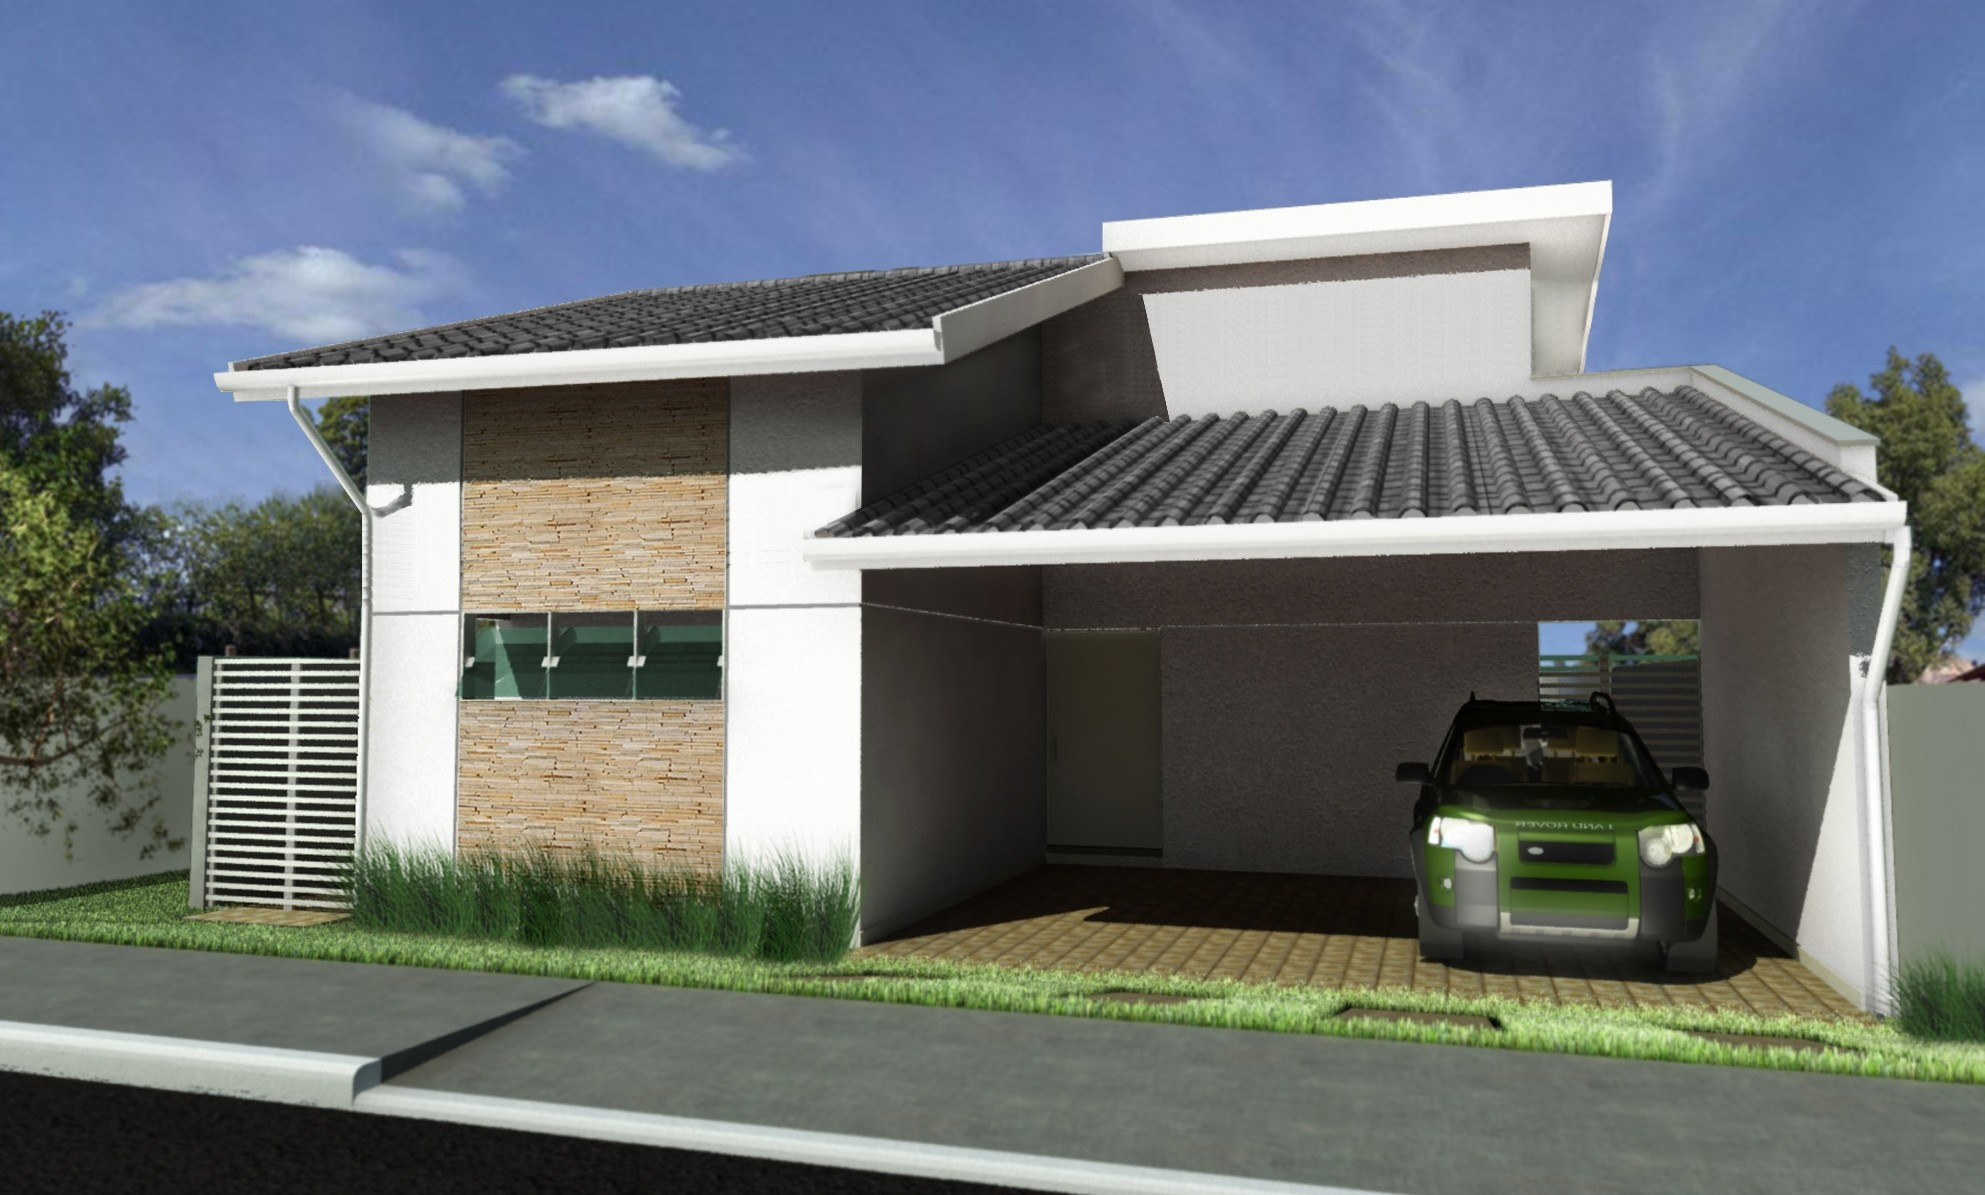 18 modelos de fachadas de casas modernas for Modelos de fachadas modernas